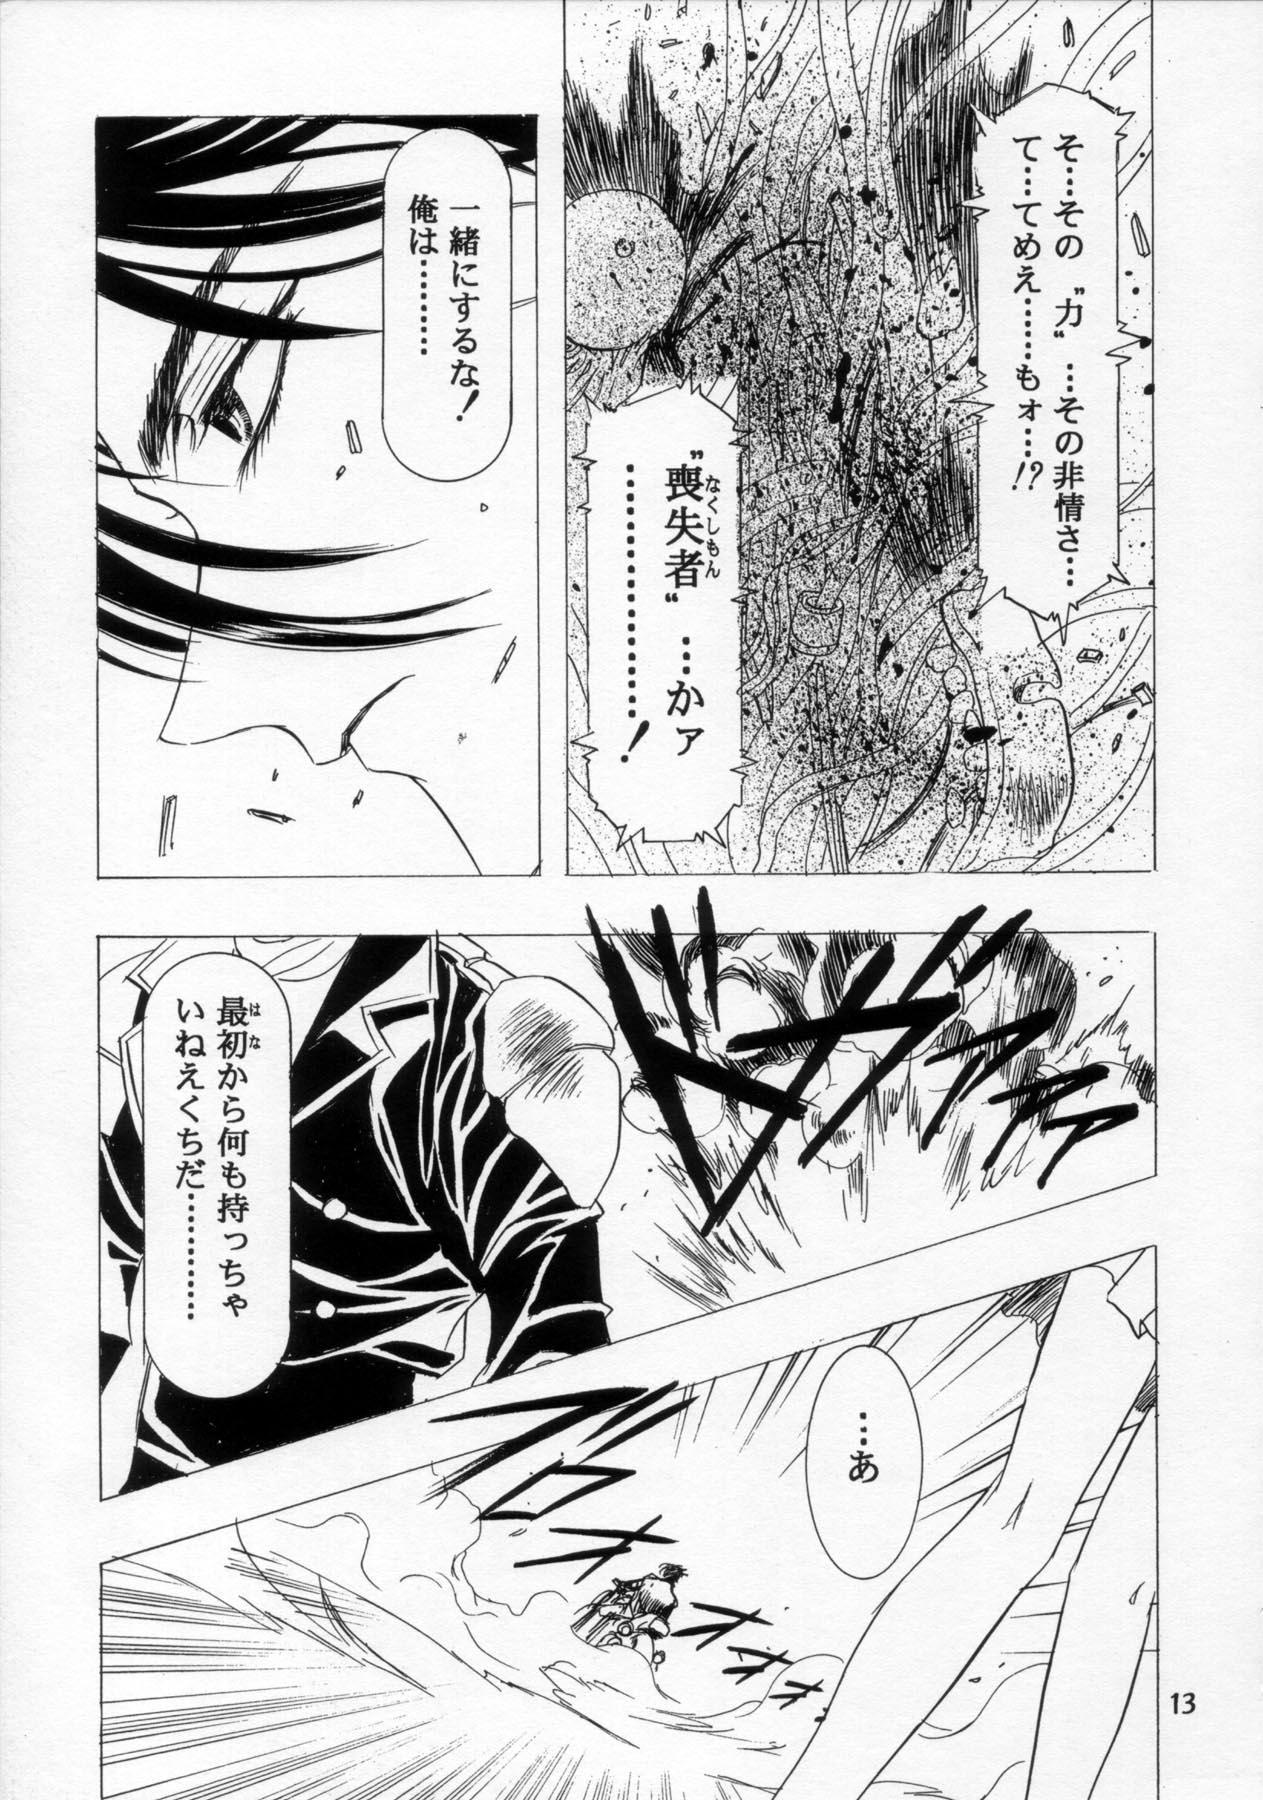 Henreikai '98 Natsu SPECIAL 13